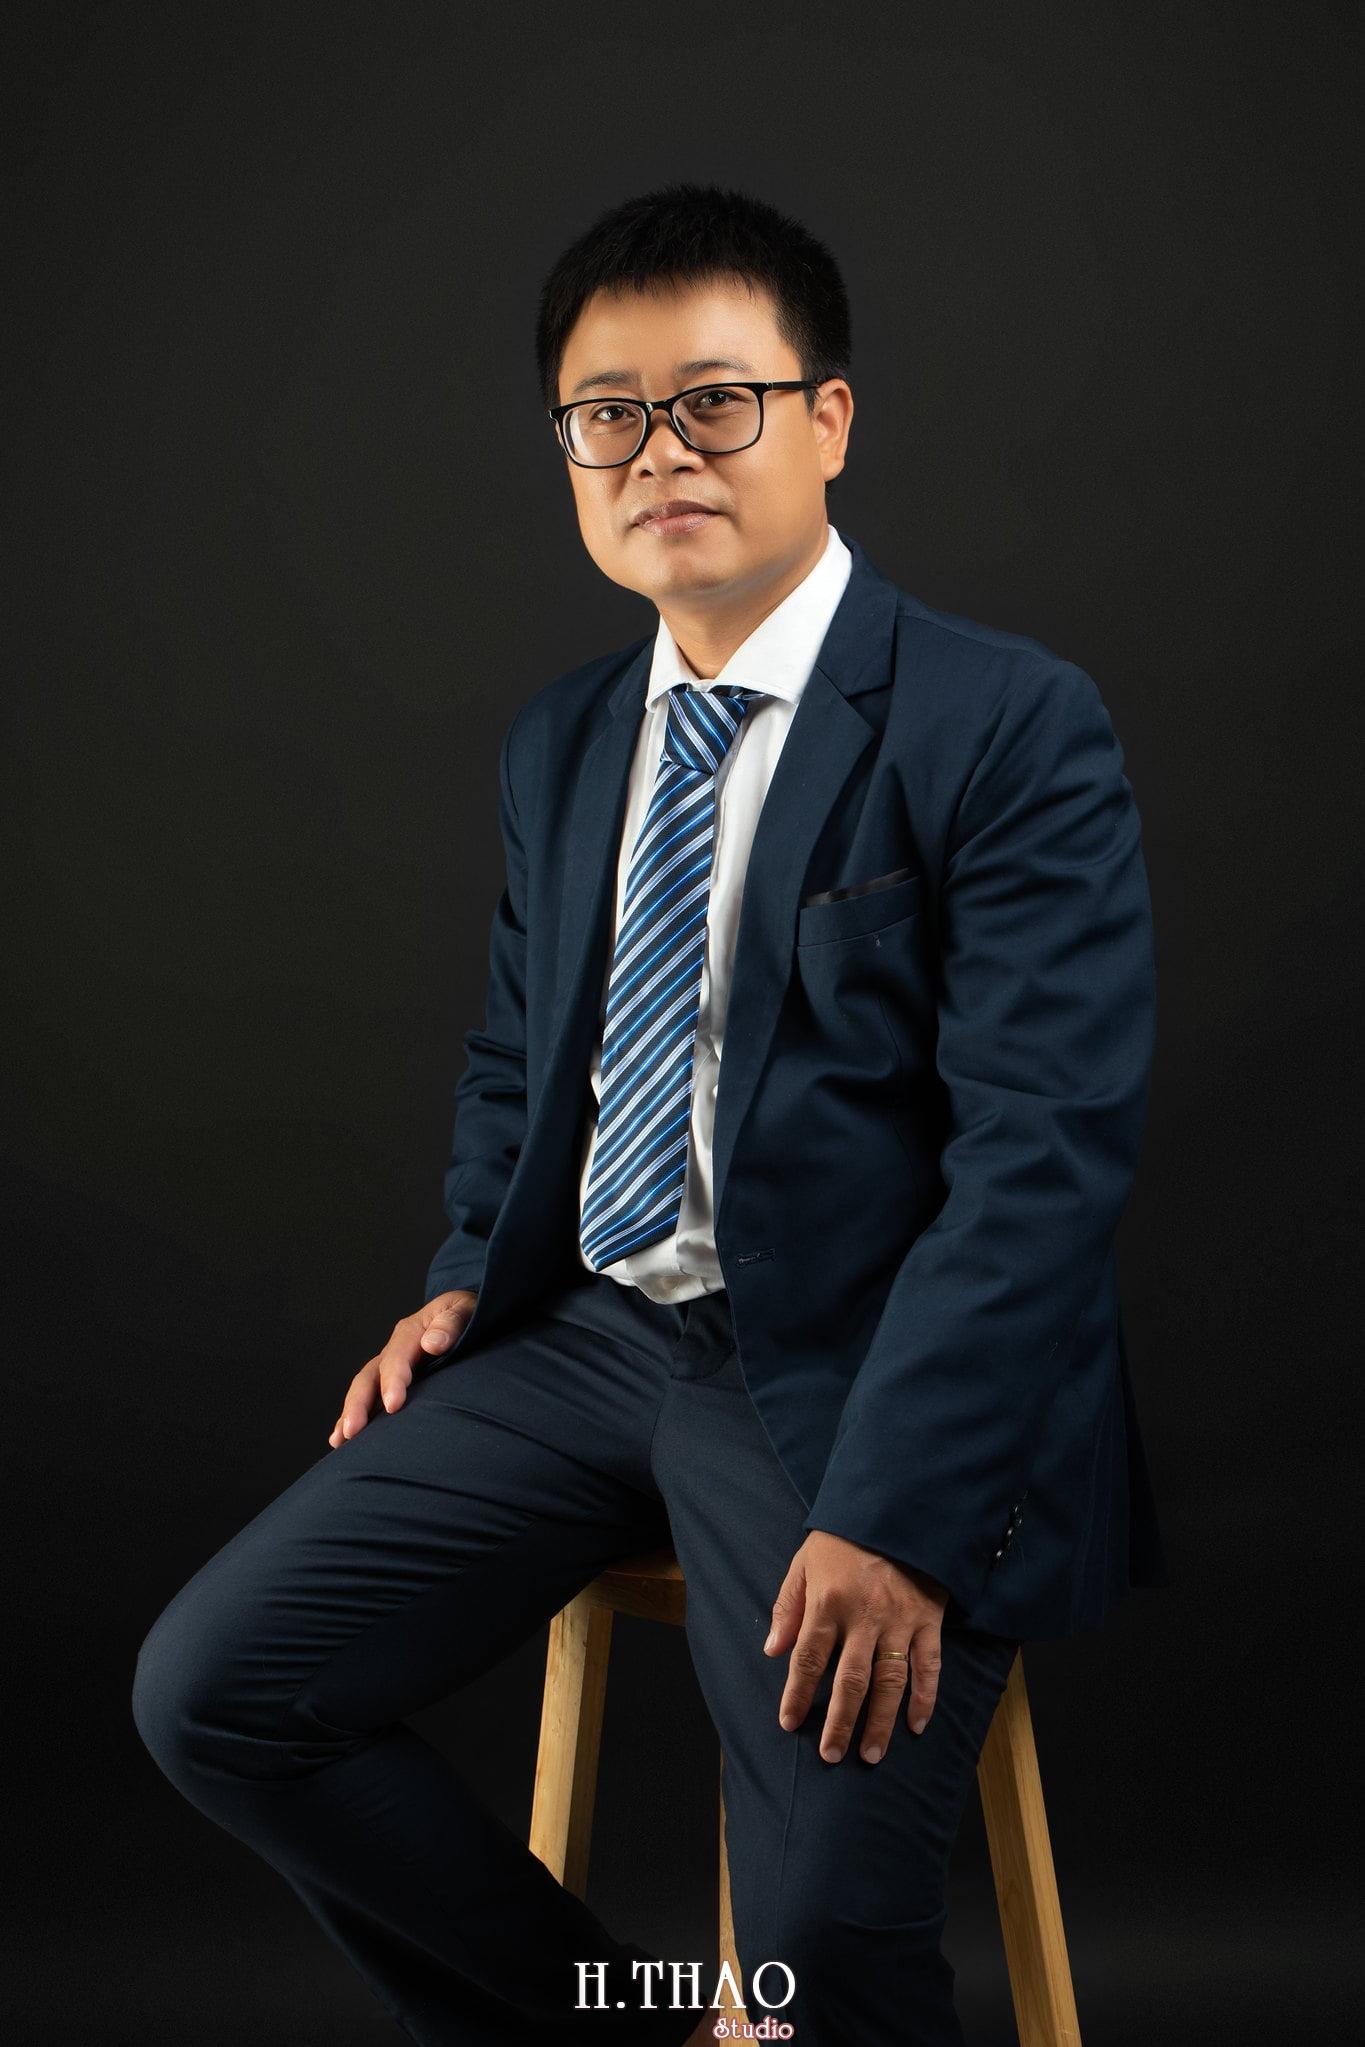 Giam doc Hoang 1 - Album ảnh giám đốc Hoàng VIB lịch lãm - HThao Studio